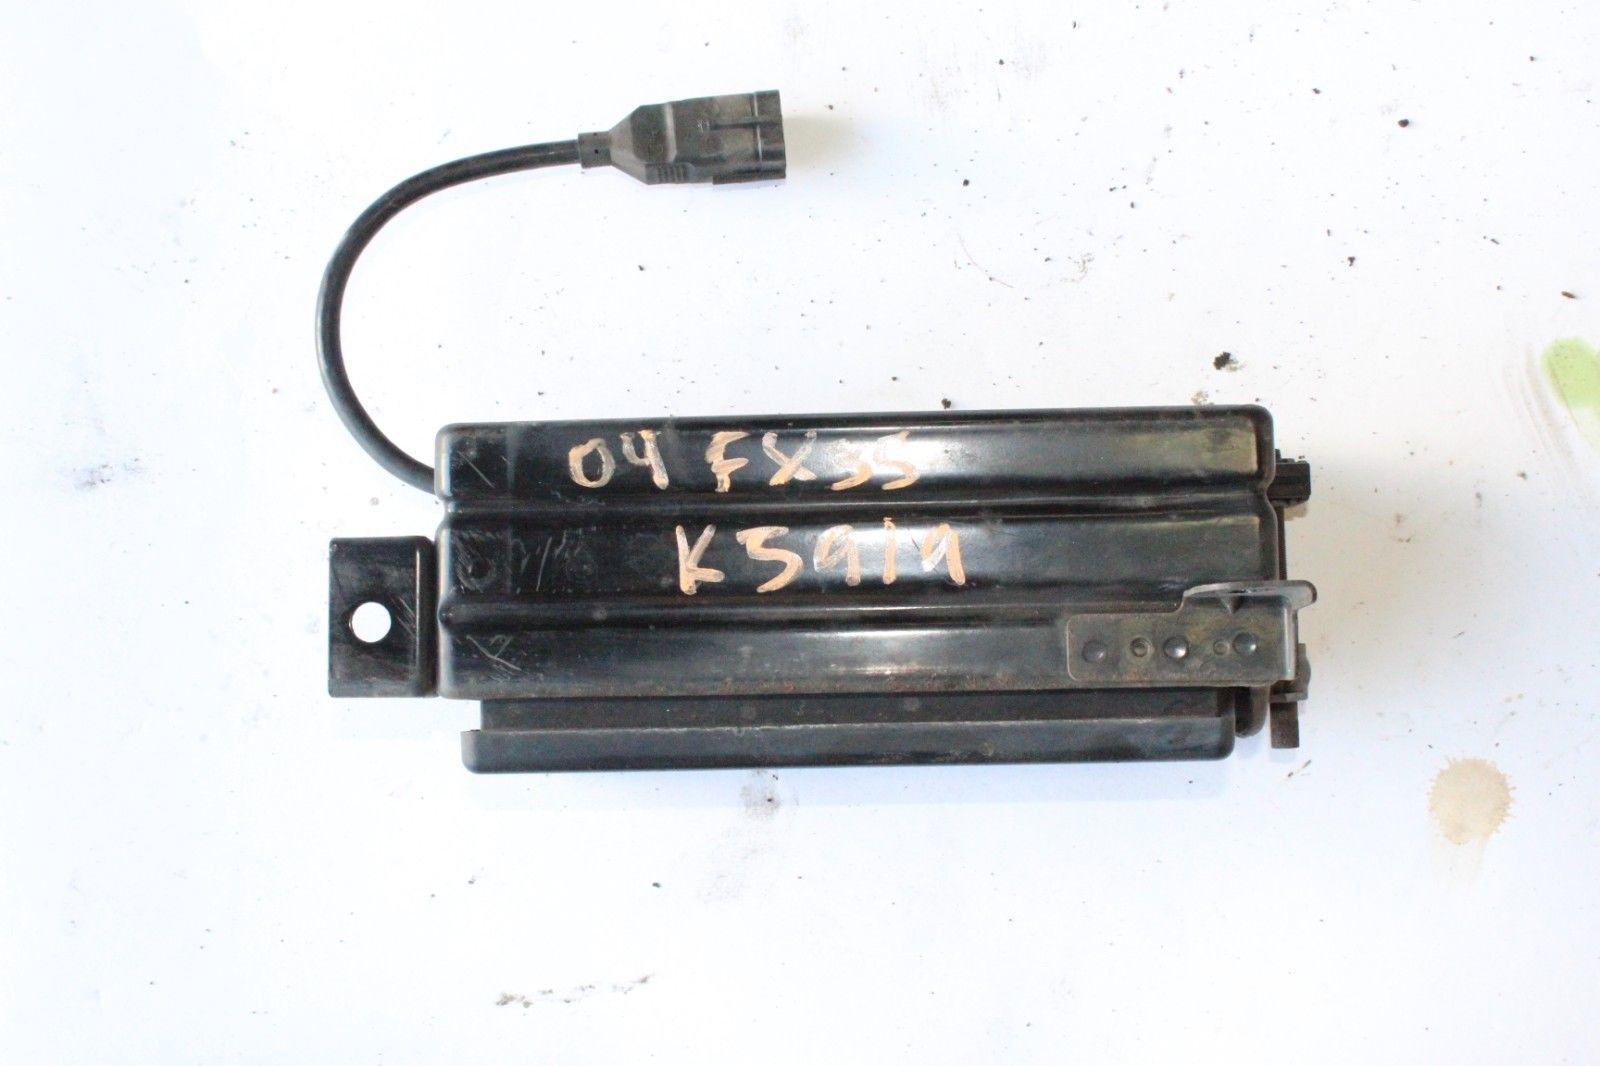 2003-2008 INFINITI FX35 FX45 CRUISE CONTROLE MODULE UNIT K5919 - $182.28